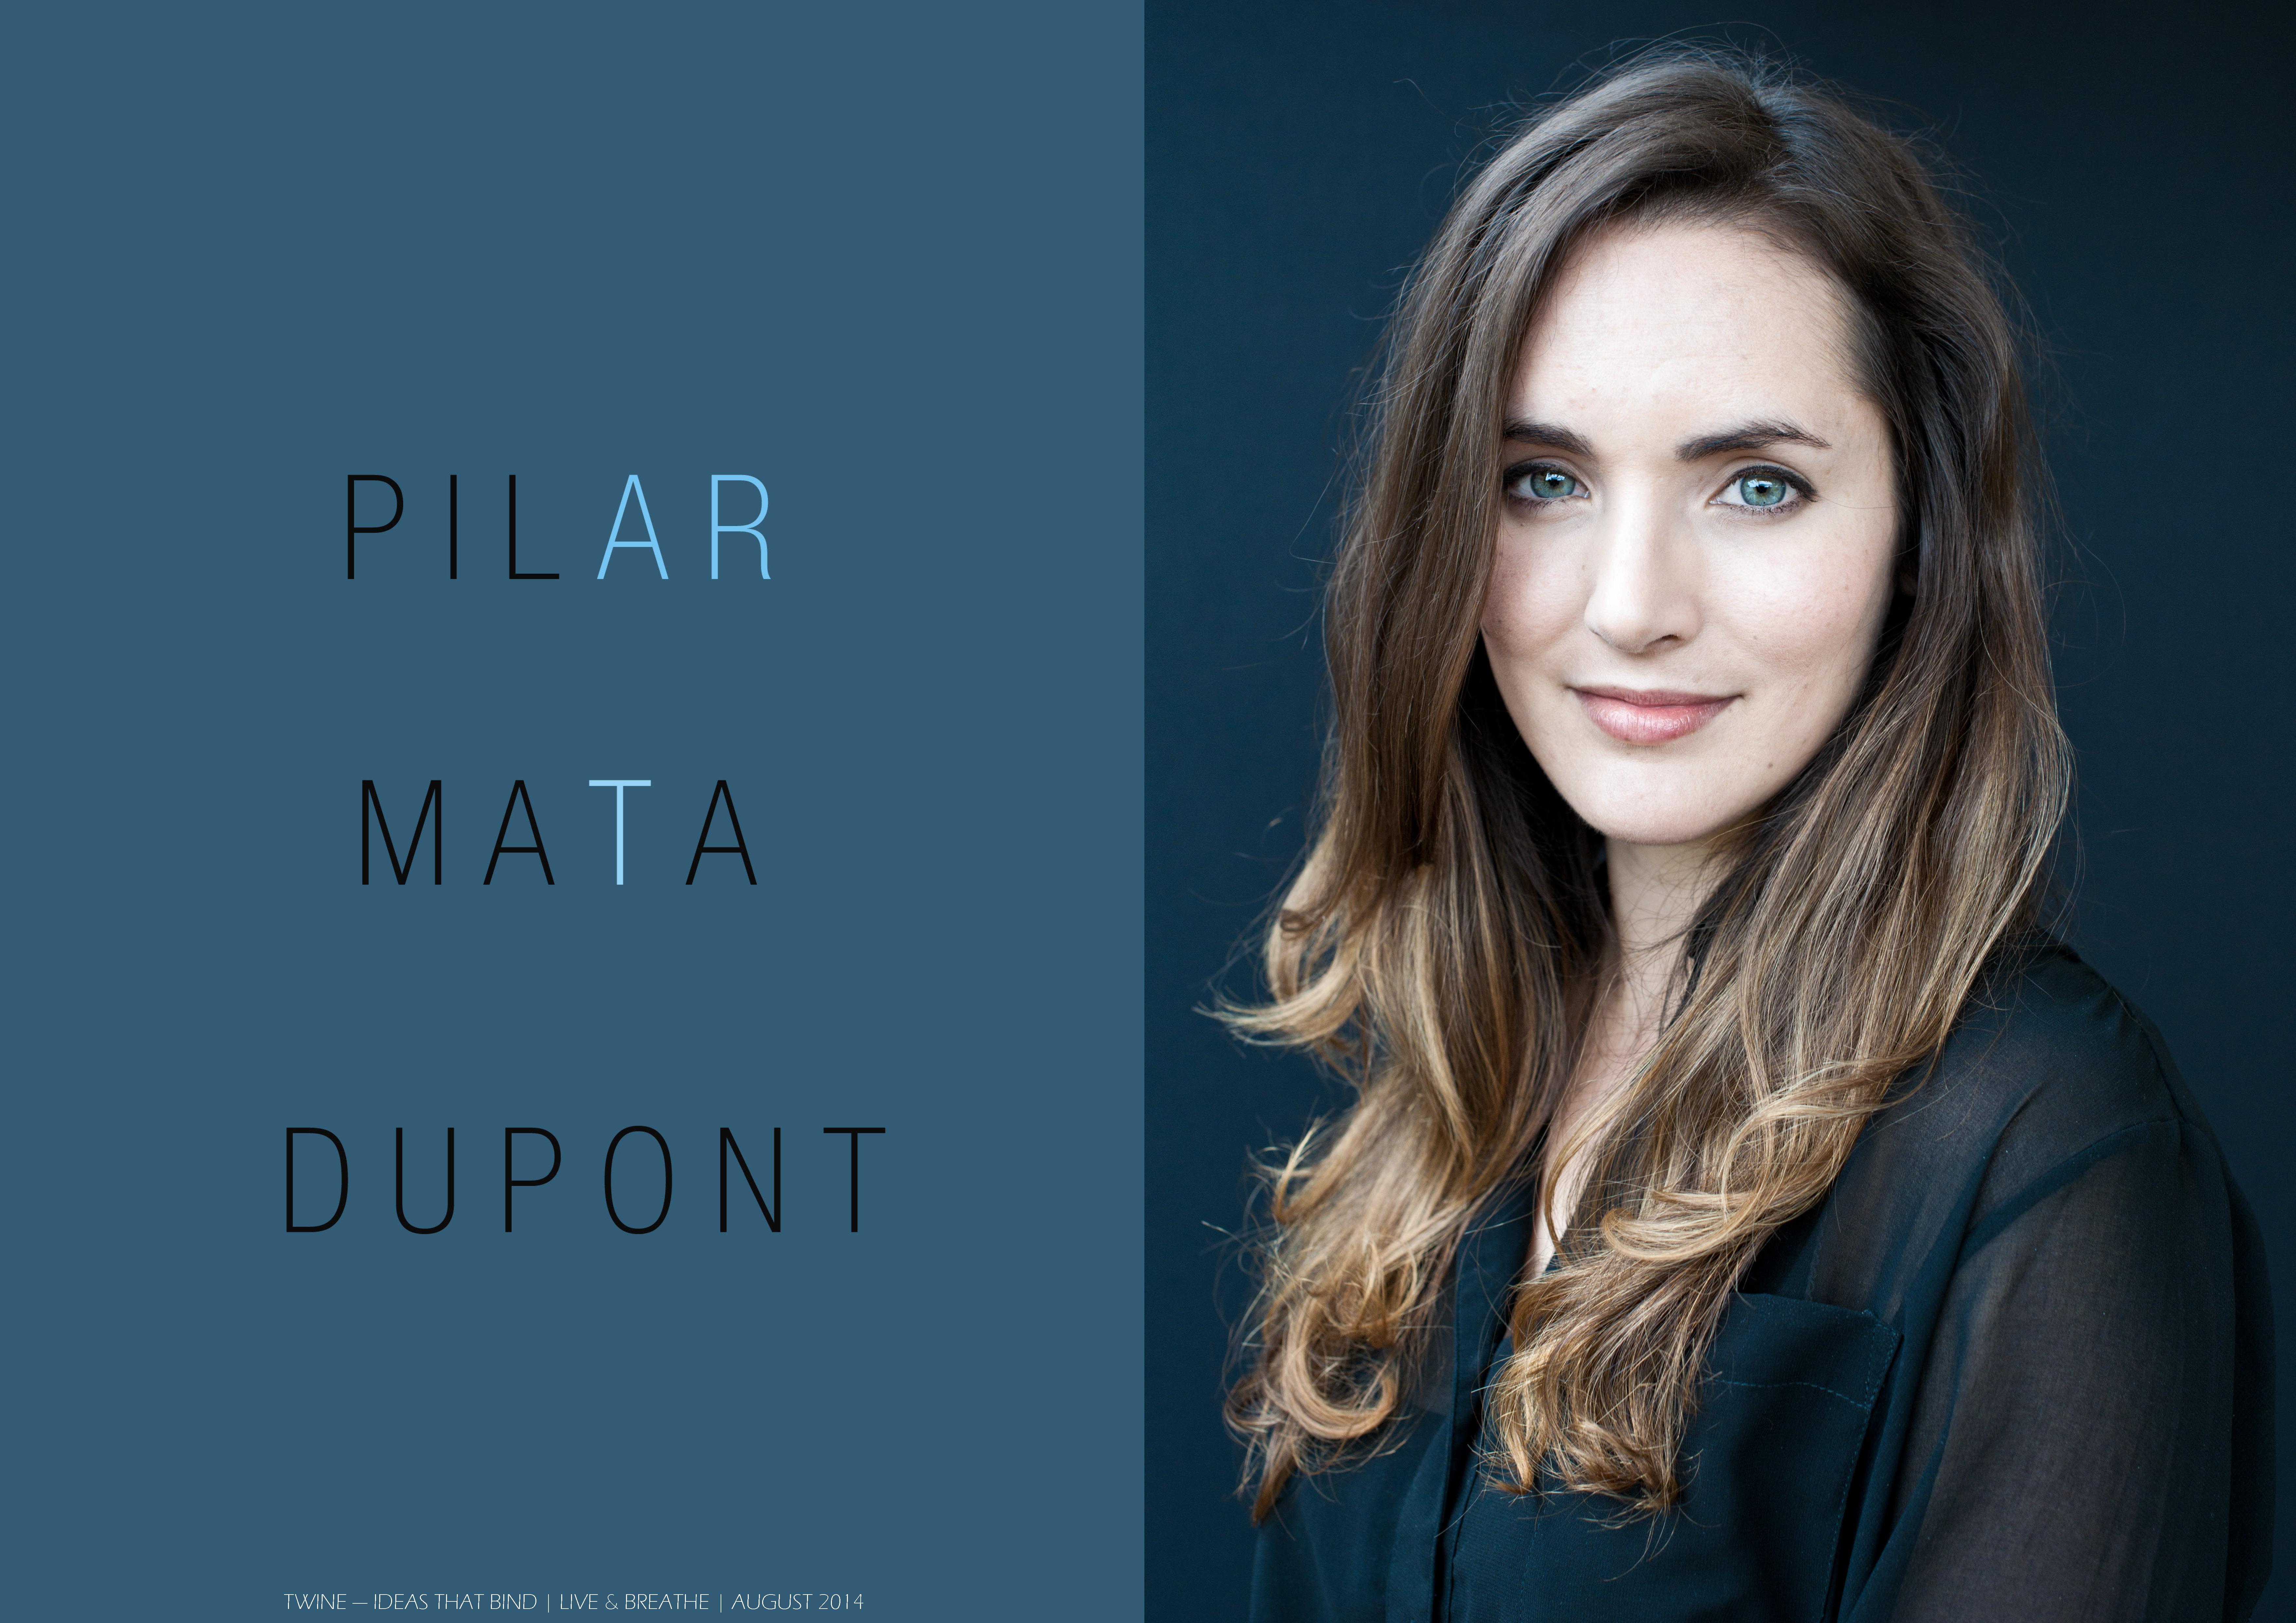 Pilar Mata Dupont Page_1